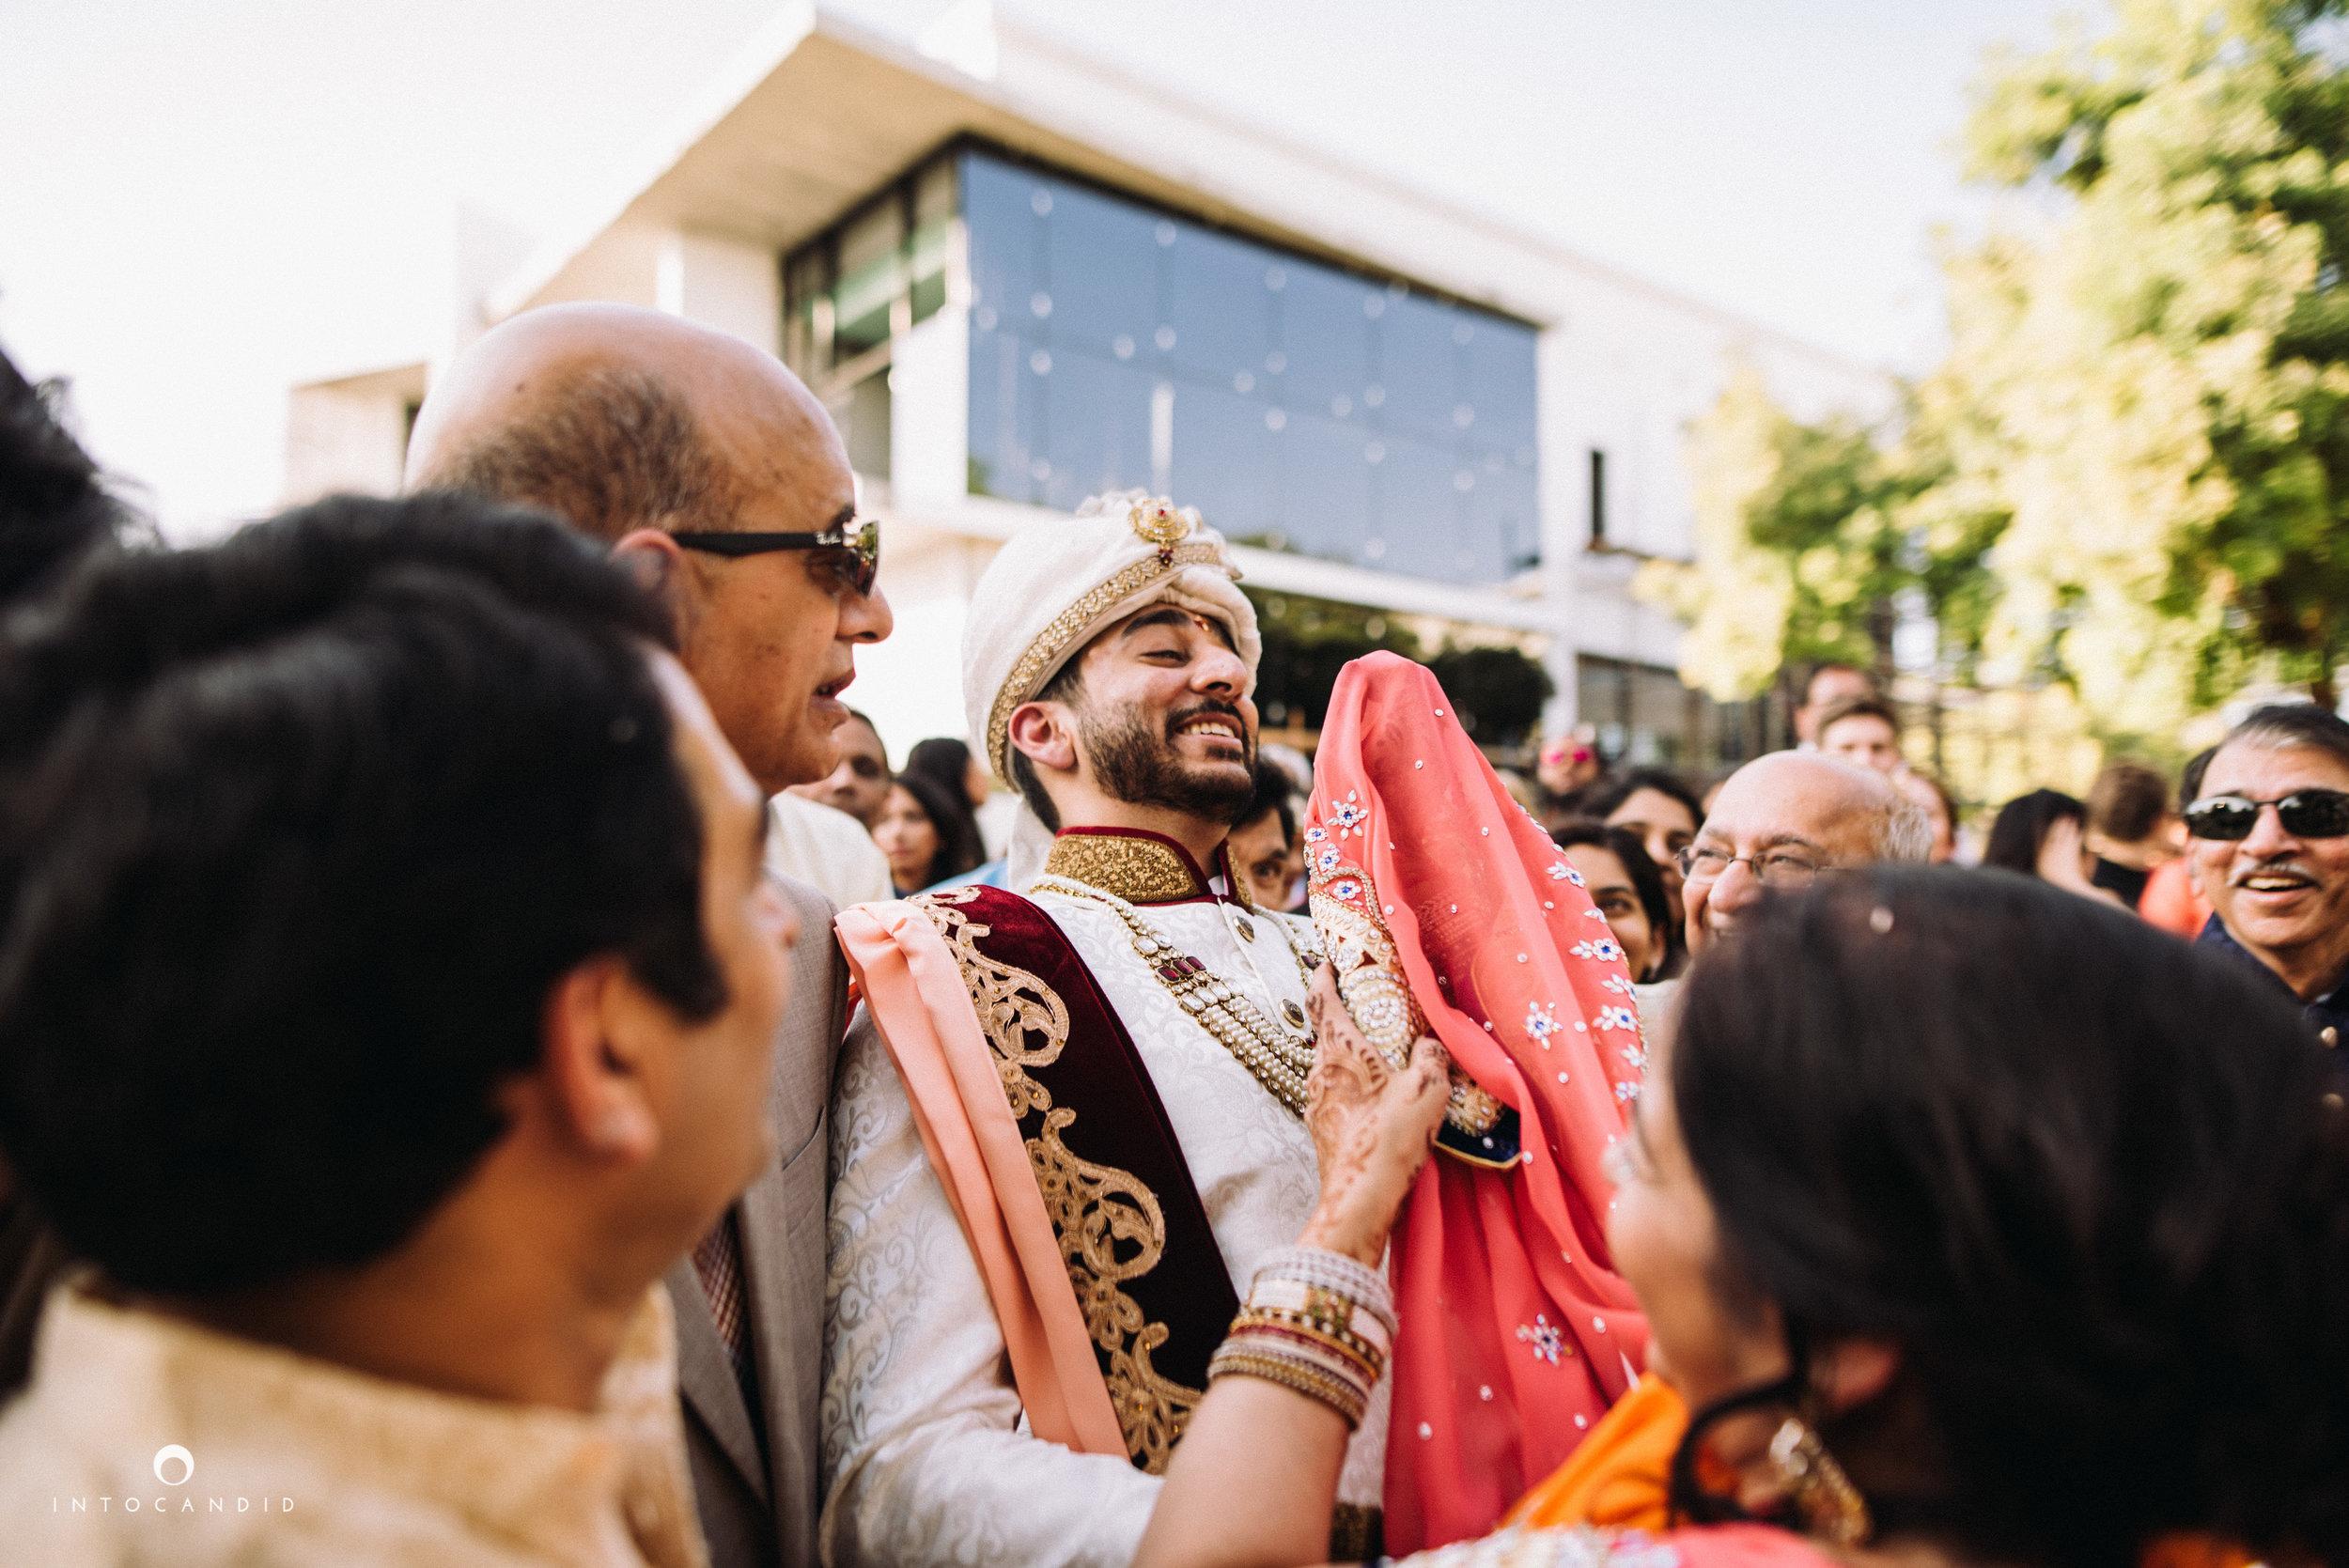 Dubai_Wedding_Photographer_25.JPG